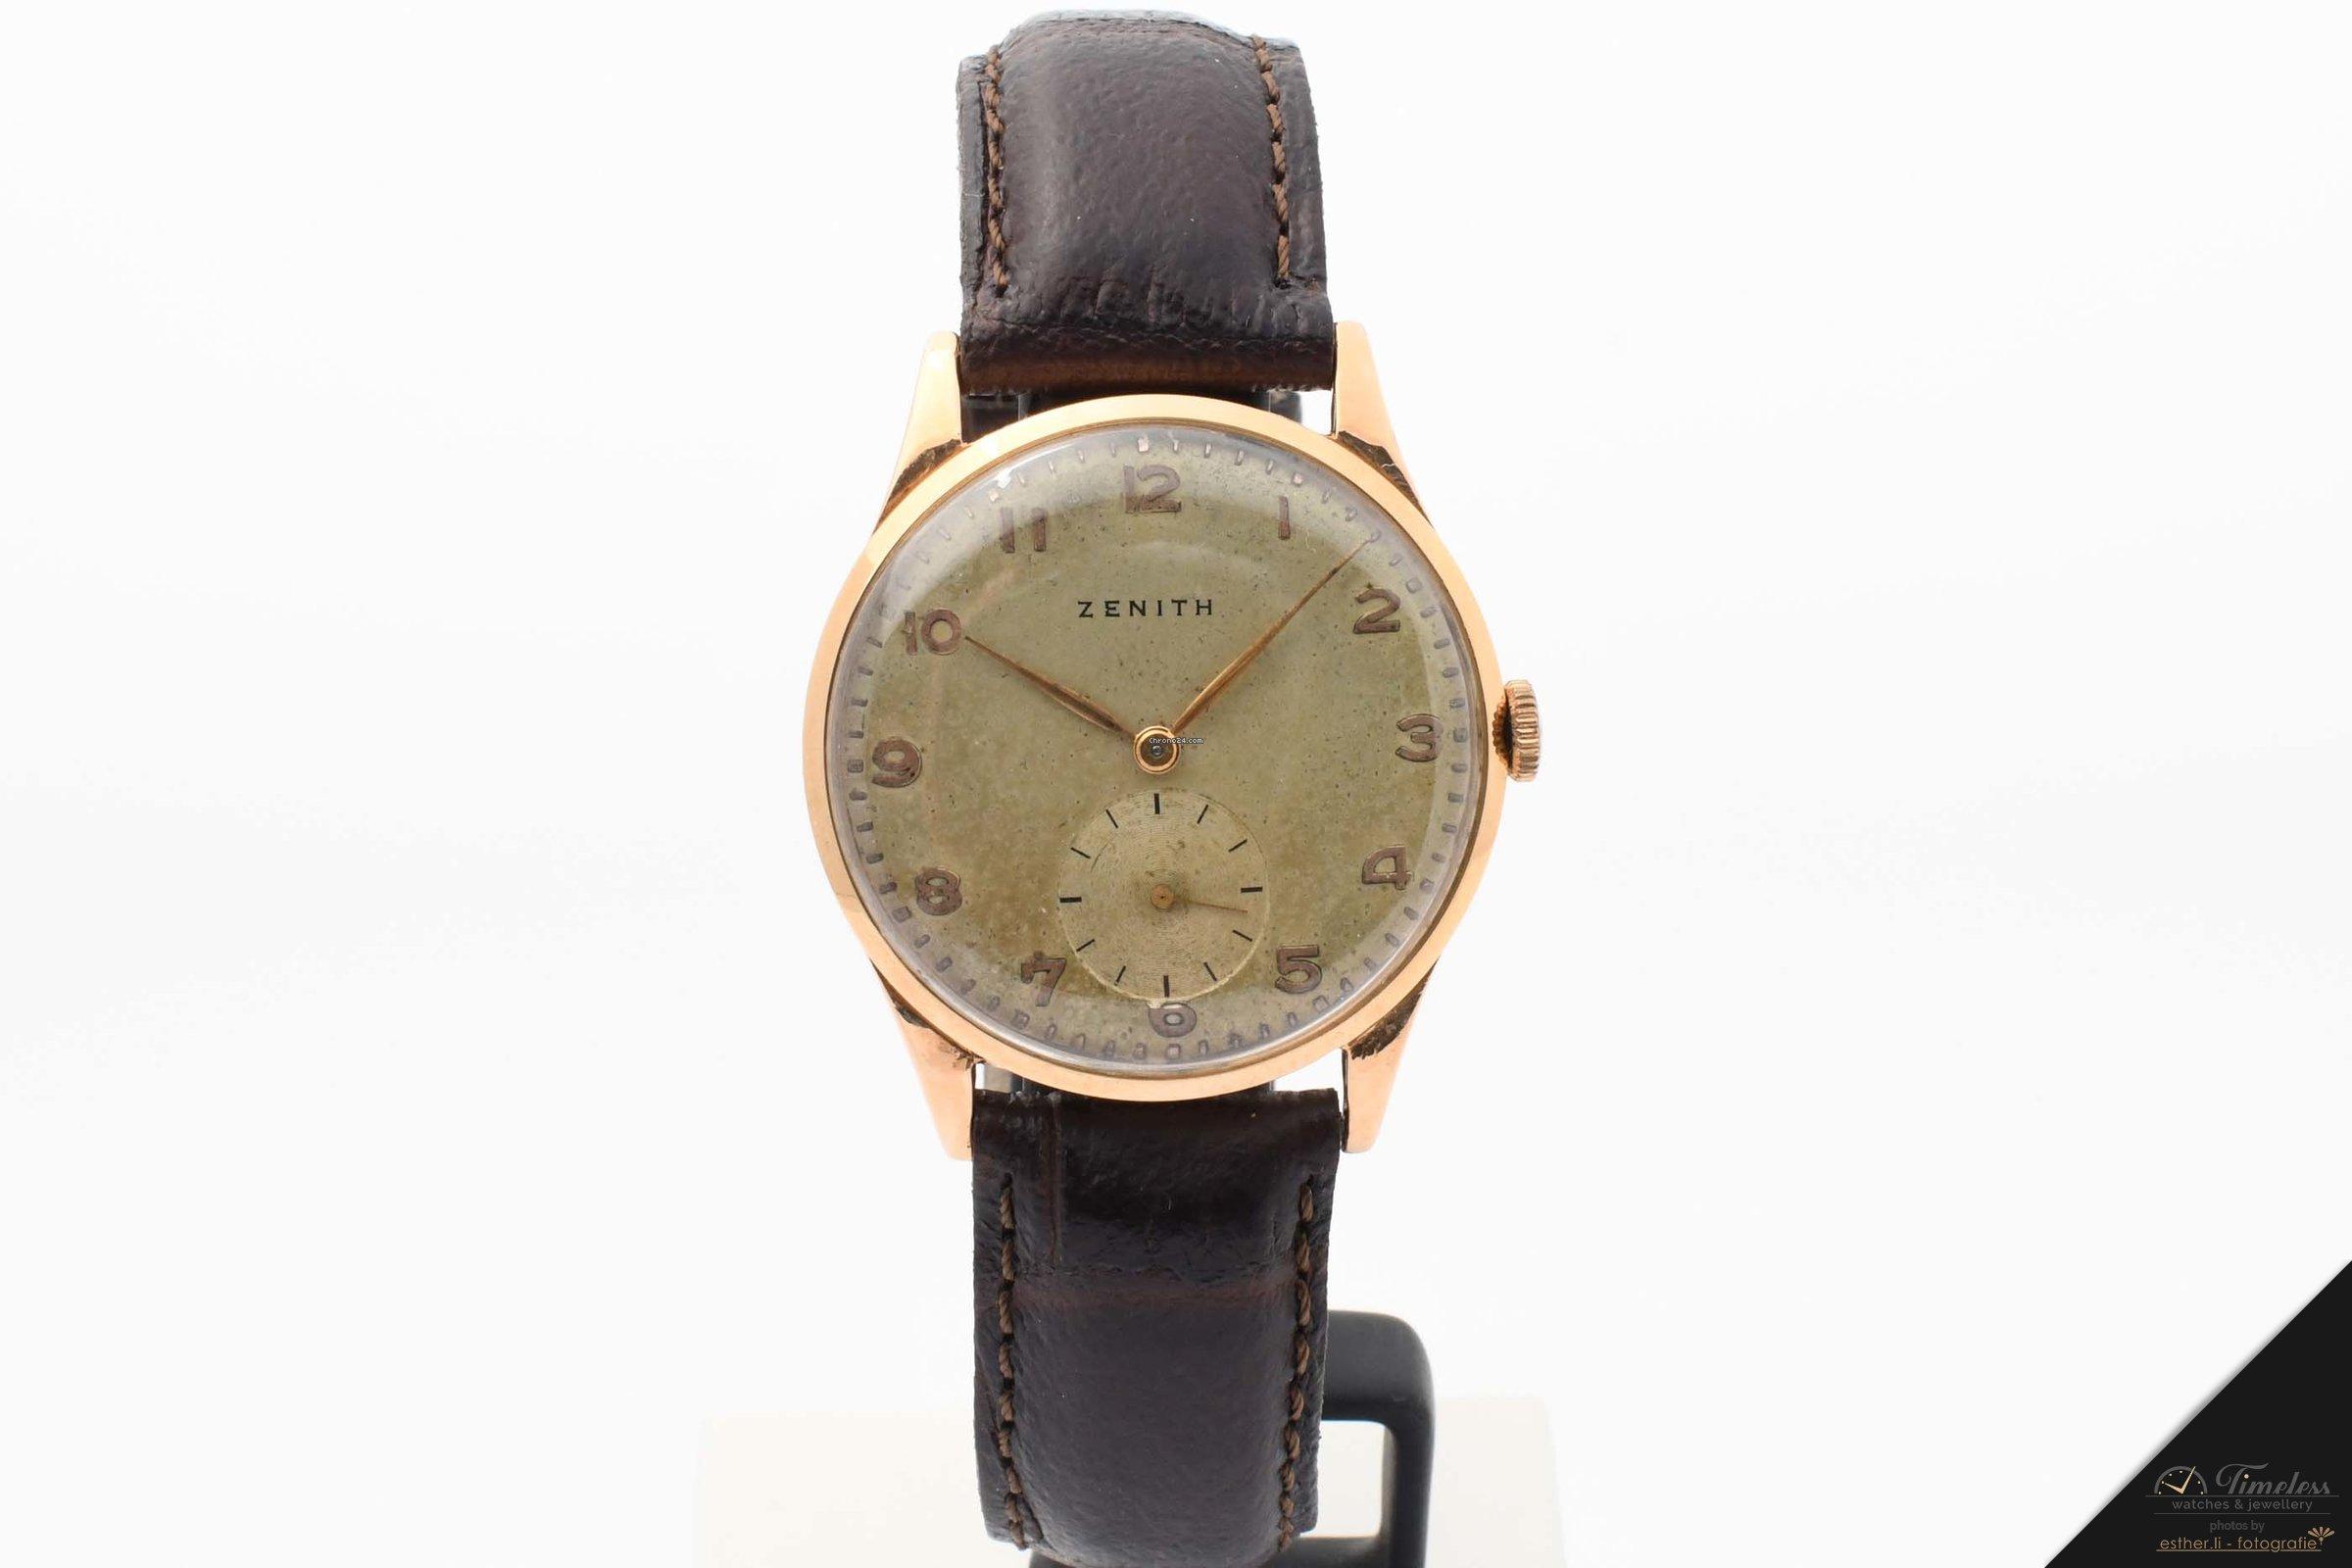 Zenith Vintage Armbanduhr 18k Rosègold Handaufzug für 790